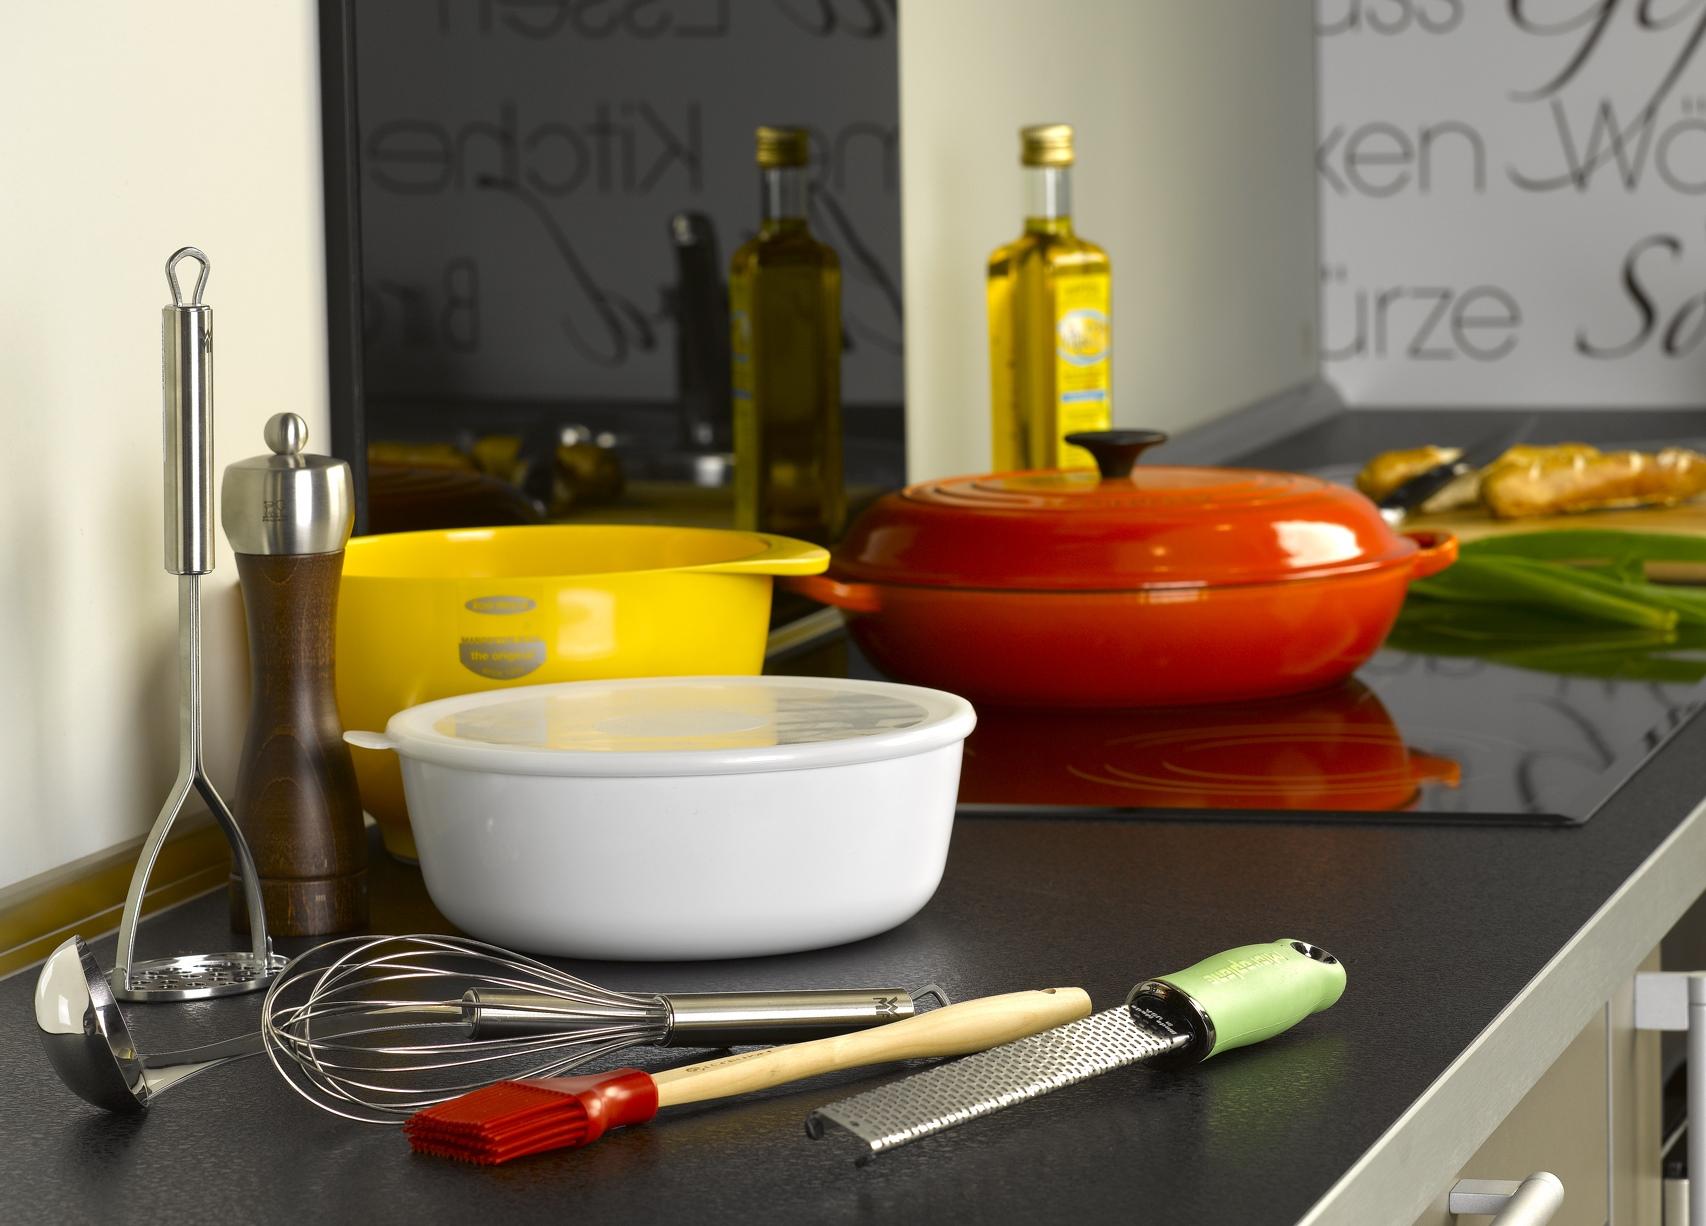 praktische k chenutensilien kaufen kochen essen wohnen. Black Bedroom Furniture Sets. Home Design Ideas